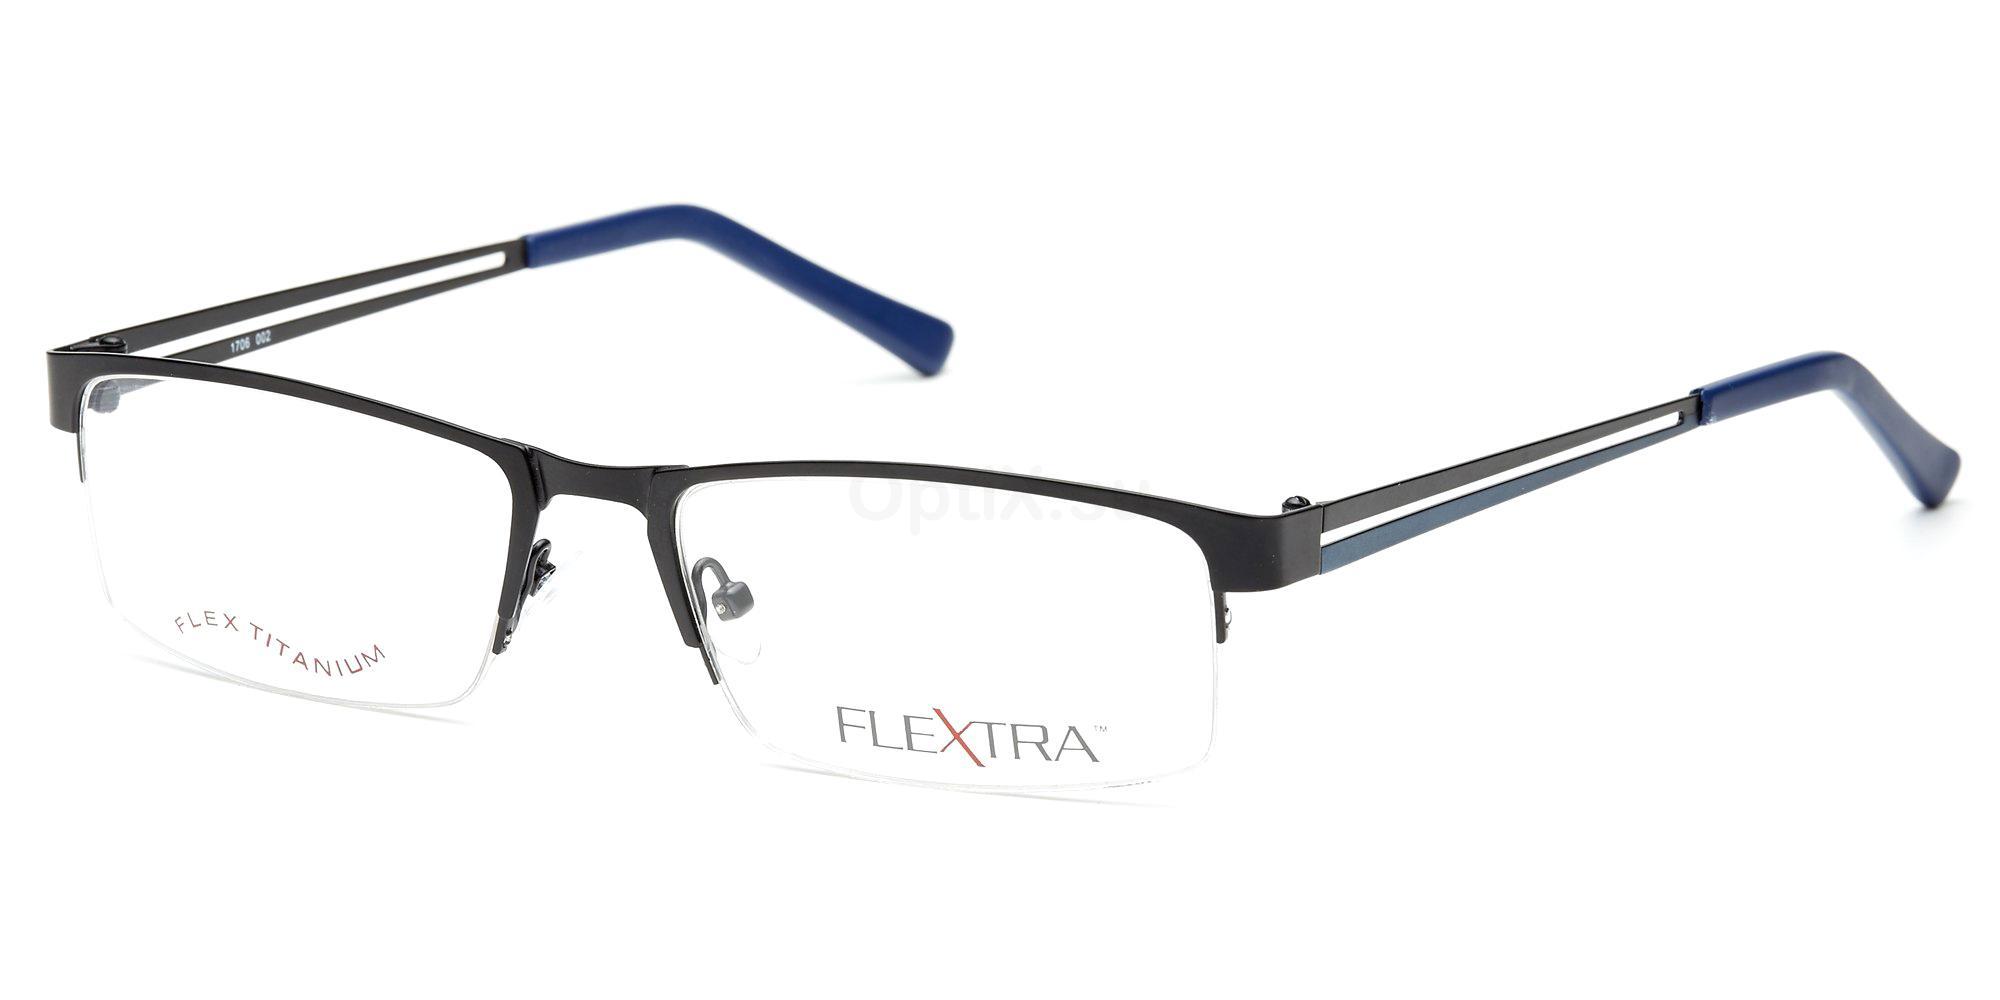 C1 FLX1706 , Flextra